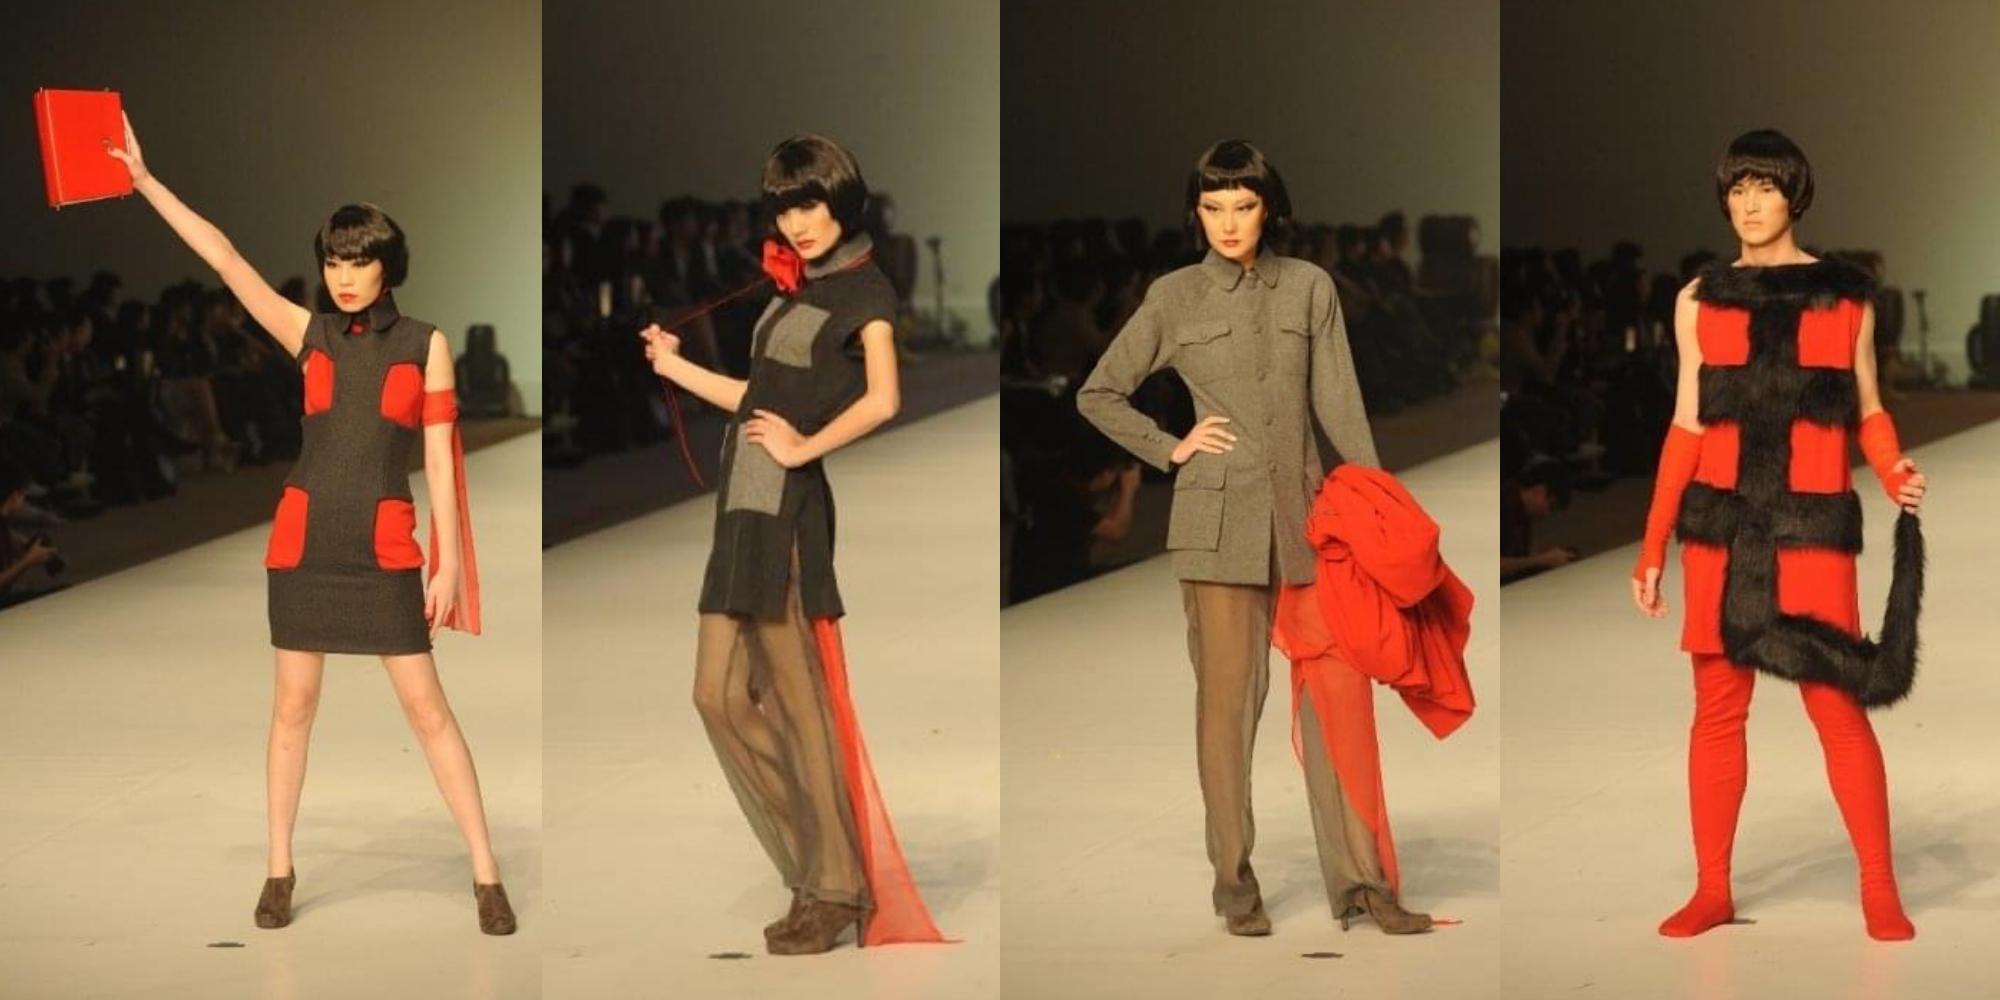 十年前的「時裝世界精英大獎」,其中一名參賽者以毛澤東和文化大革命作為靈感,設計了一系列四套服裝。